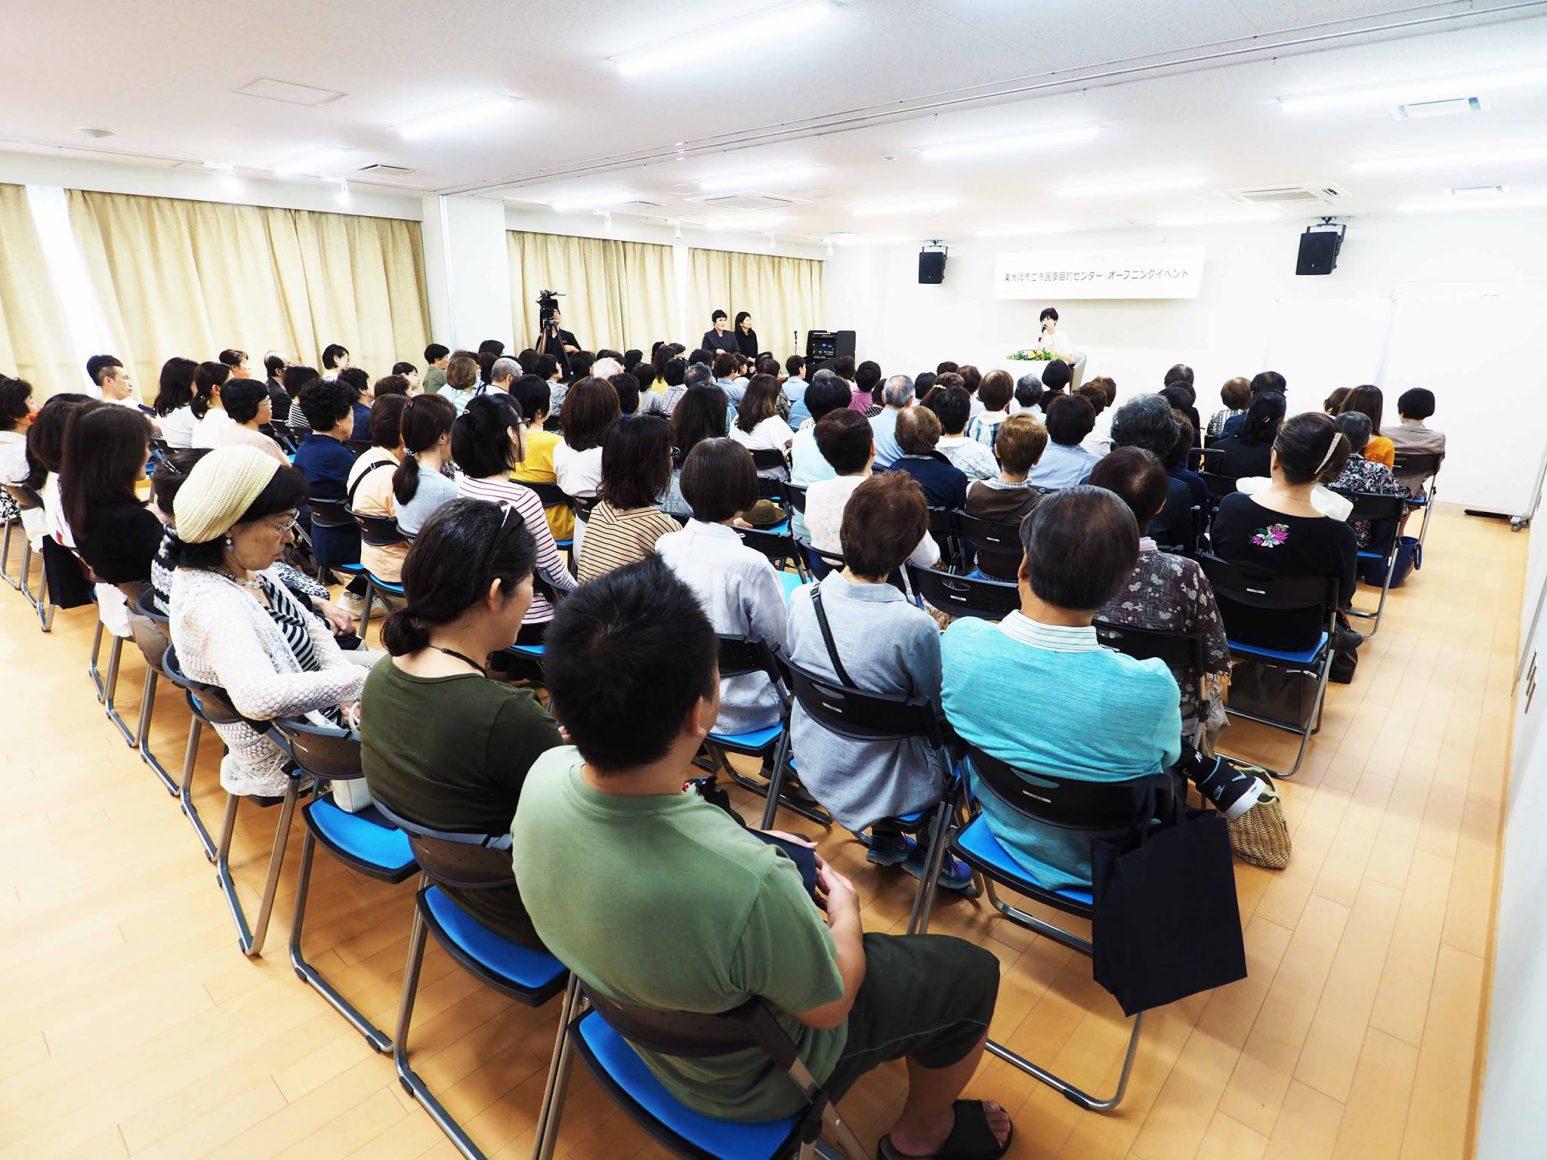 東大阪市立市民多目的センター「TAMOKU」オープニングイベント開催報告